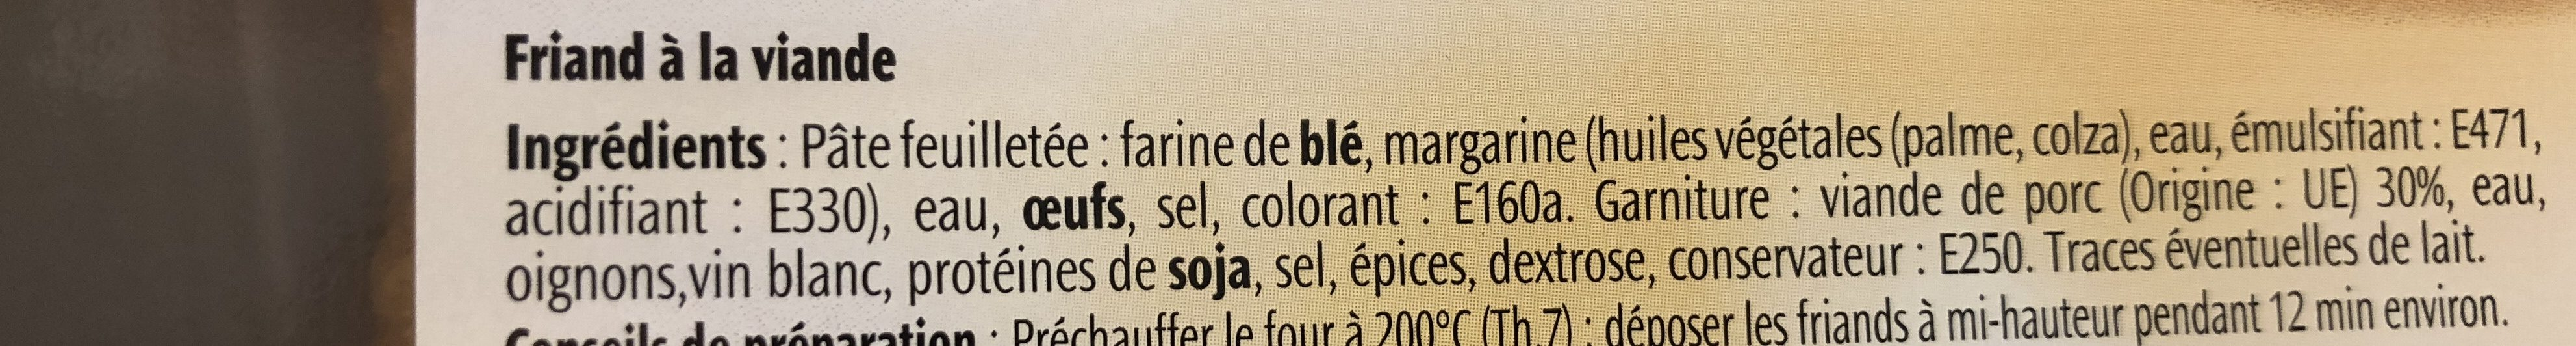 2 friands à la viande - Ingrédients - fr